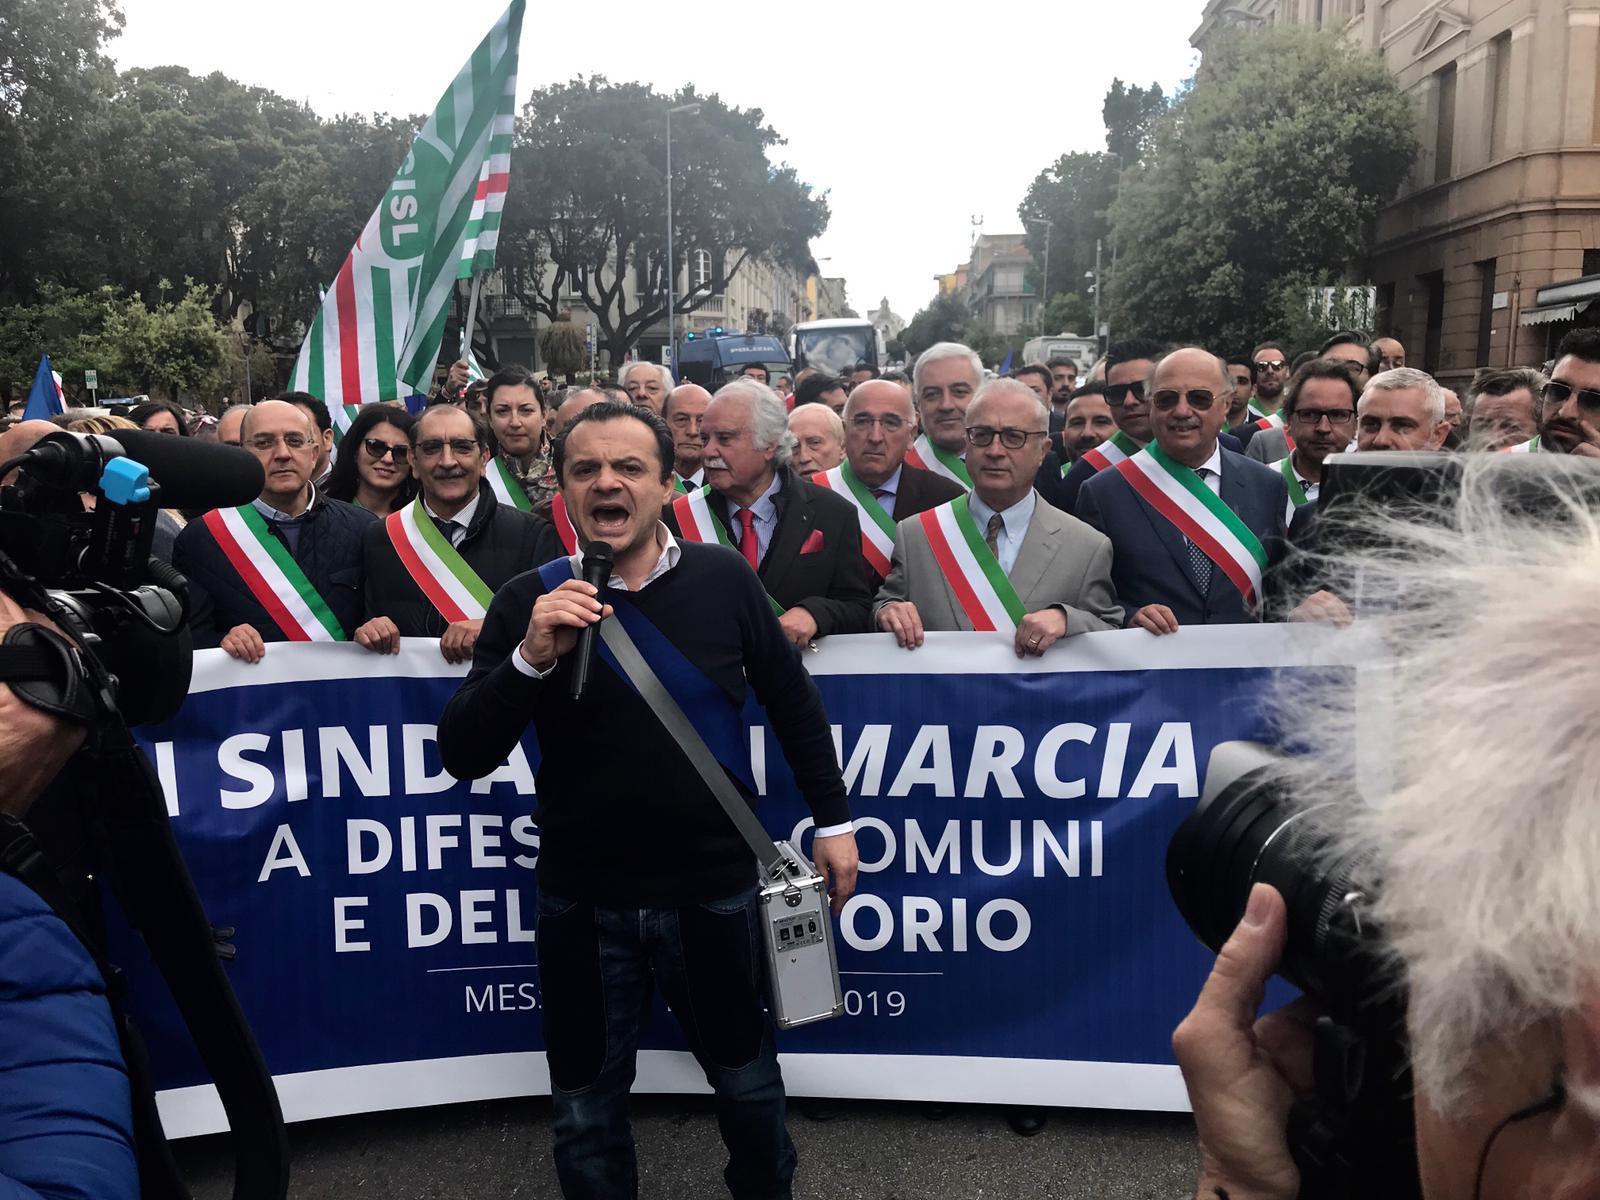 Sindaco metropolitano di Messina, consegna la fascia in prefettura: corteo per l'ex Provincia